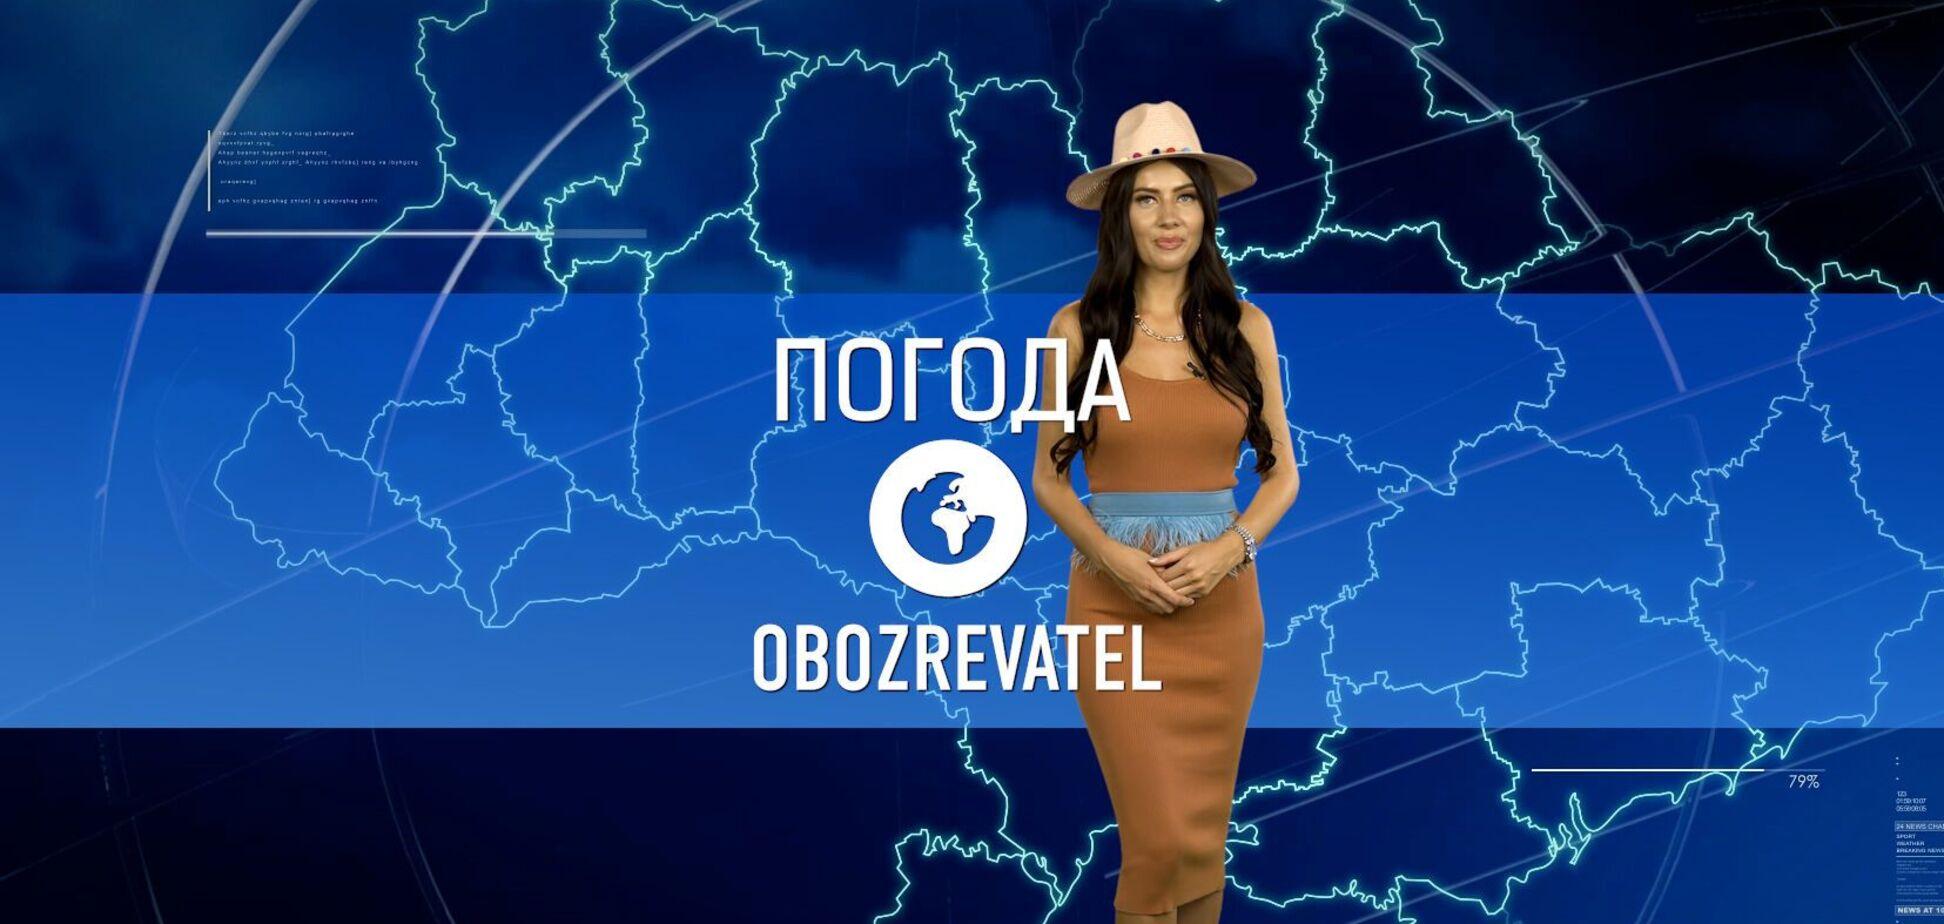 Прогноз погоды в Украине на понедельник, 19 июля, с Алисой Мярковской